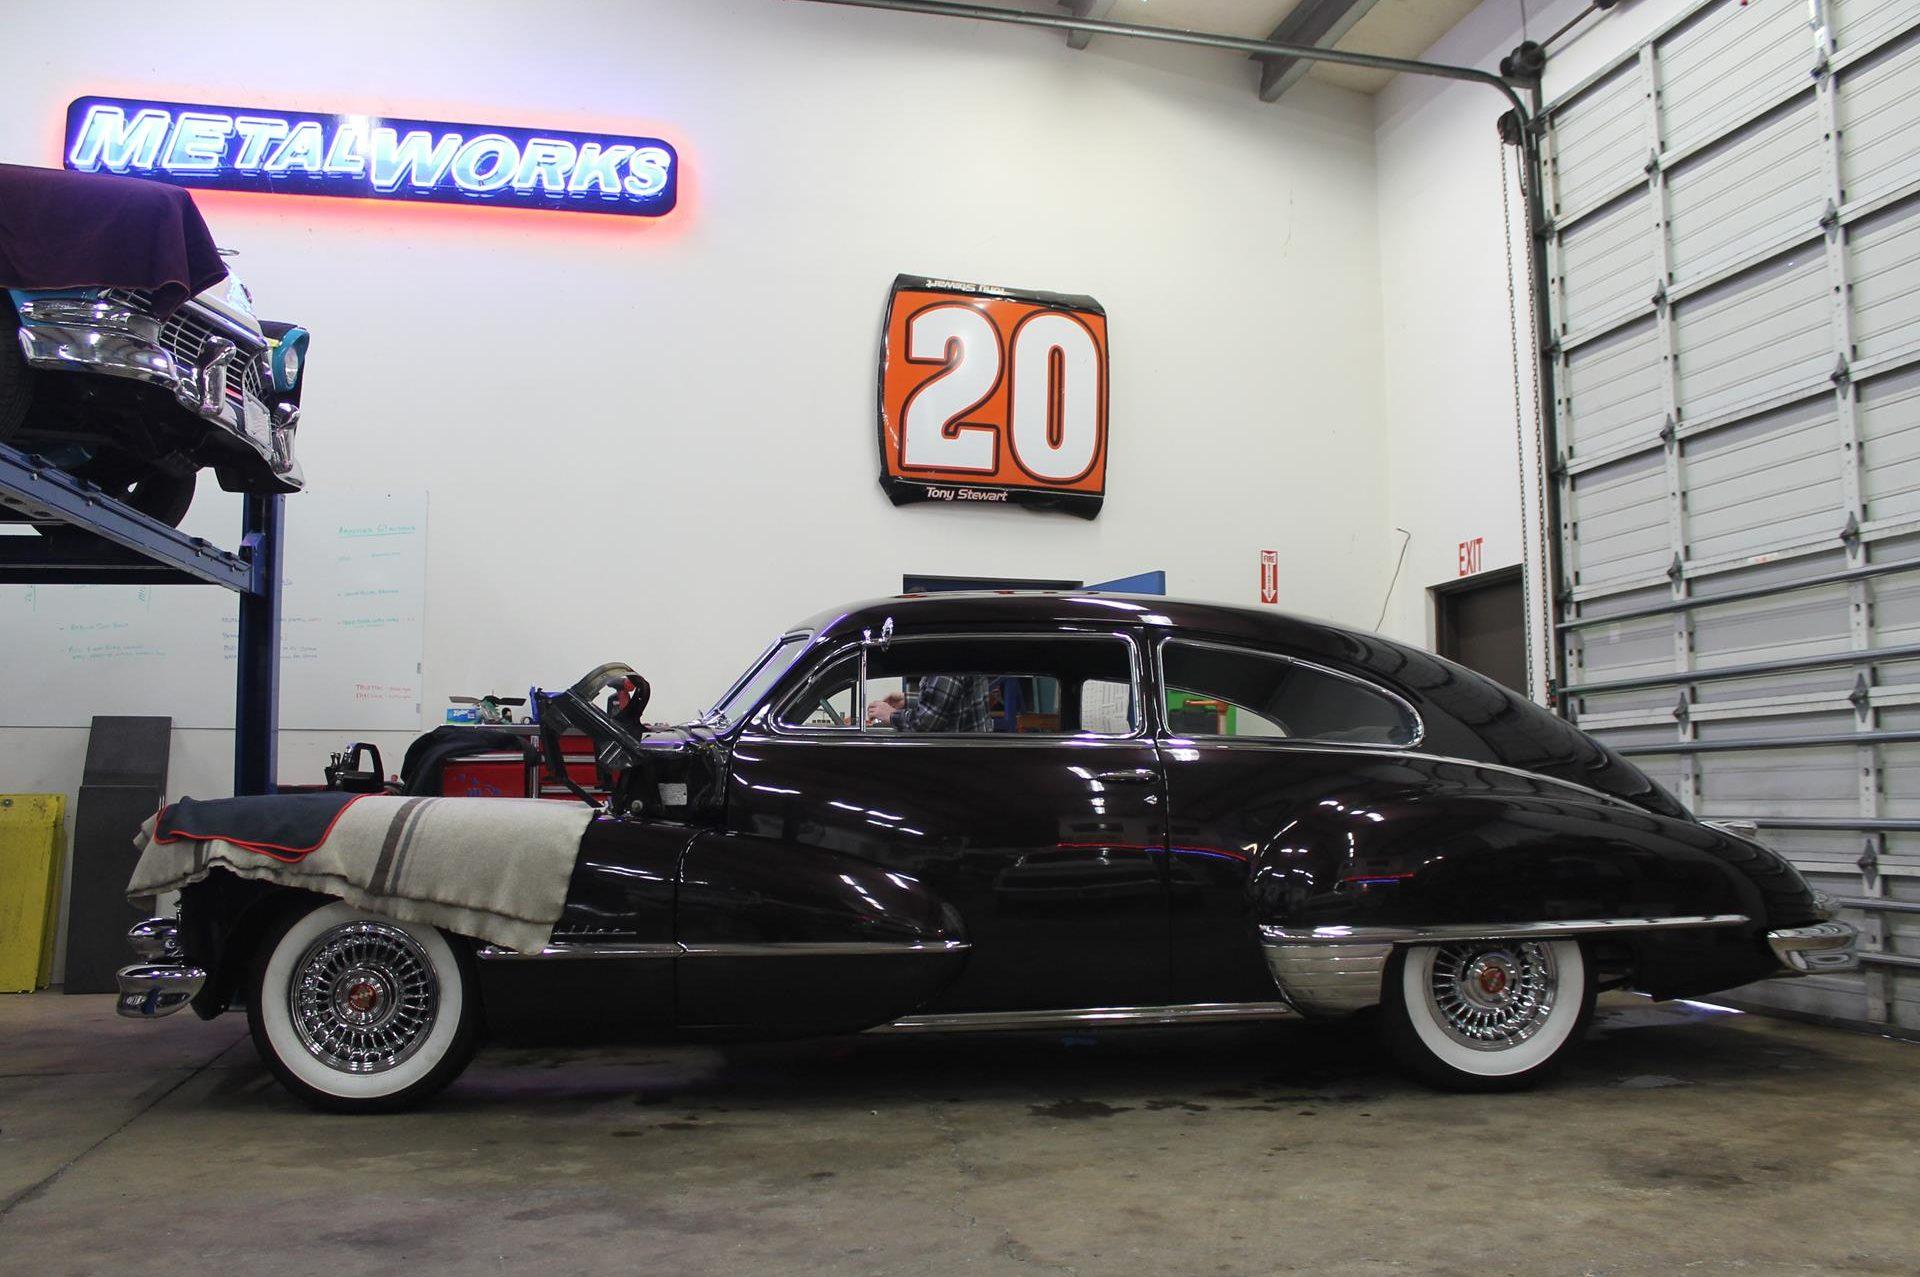 1947 Cadillac LS - MetalWorks Classics Auto Restoration